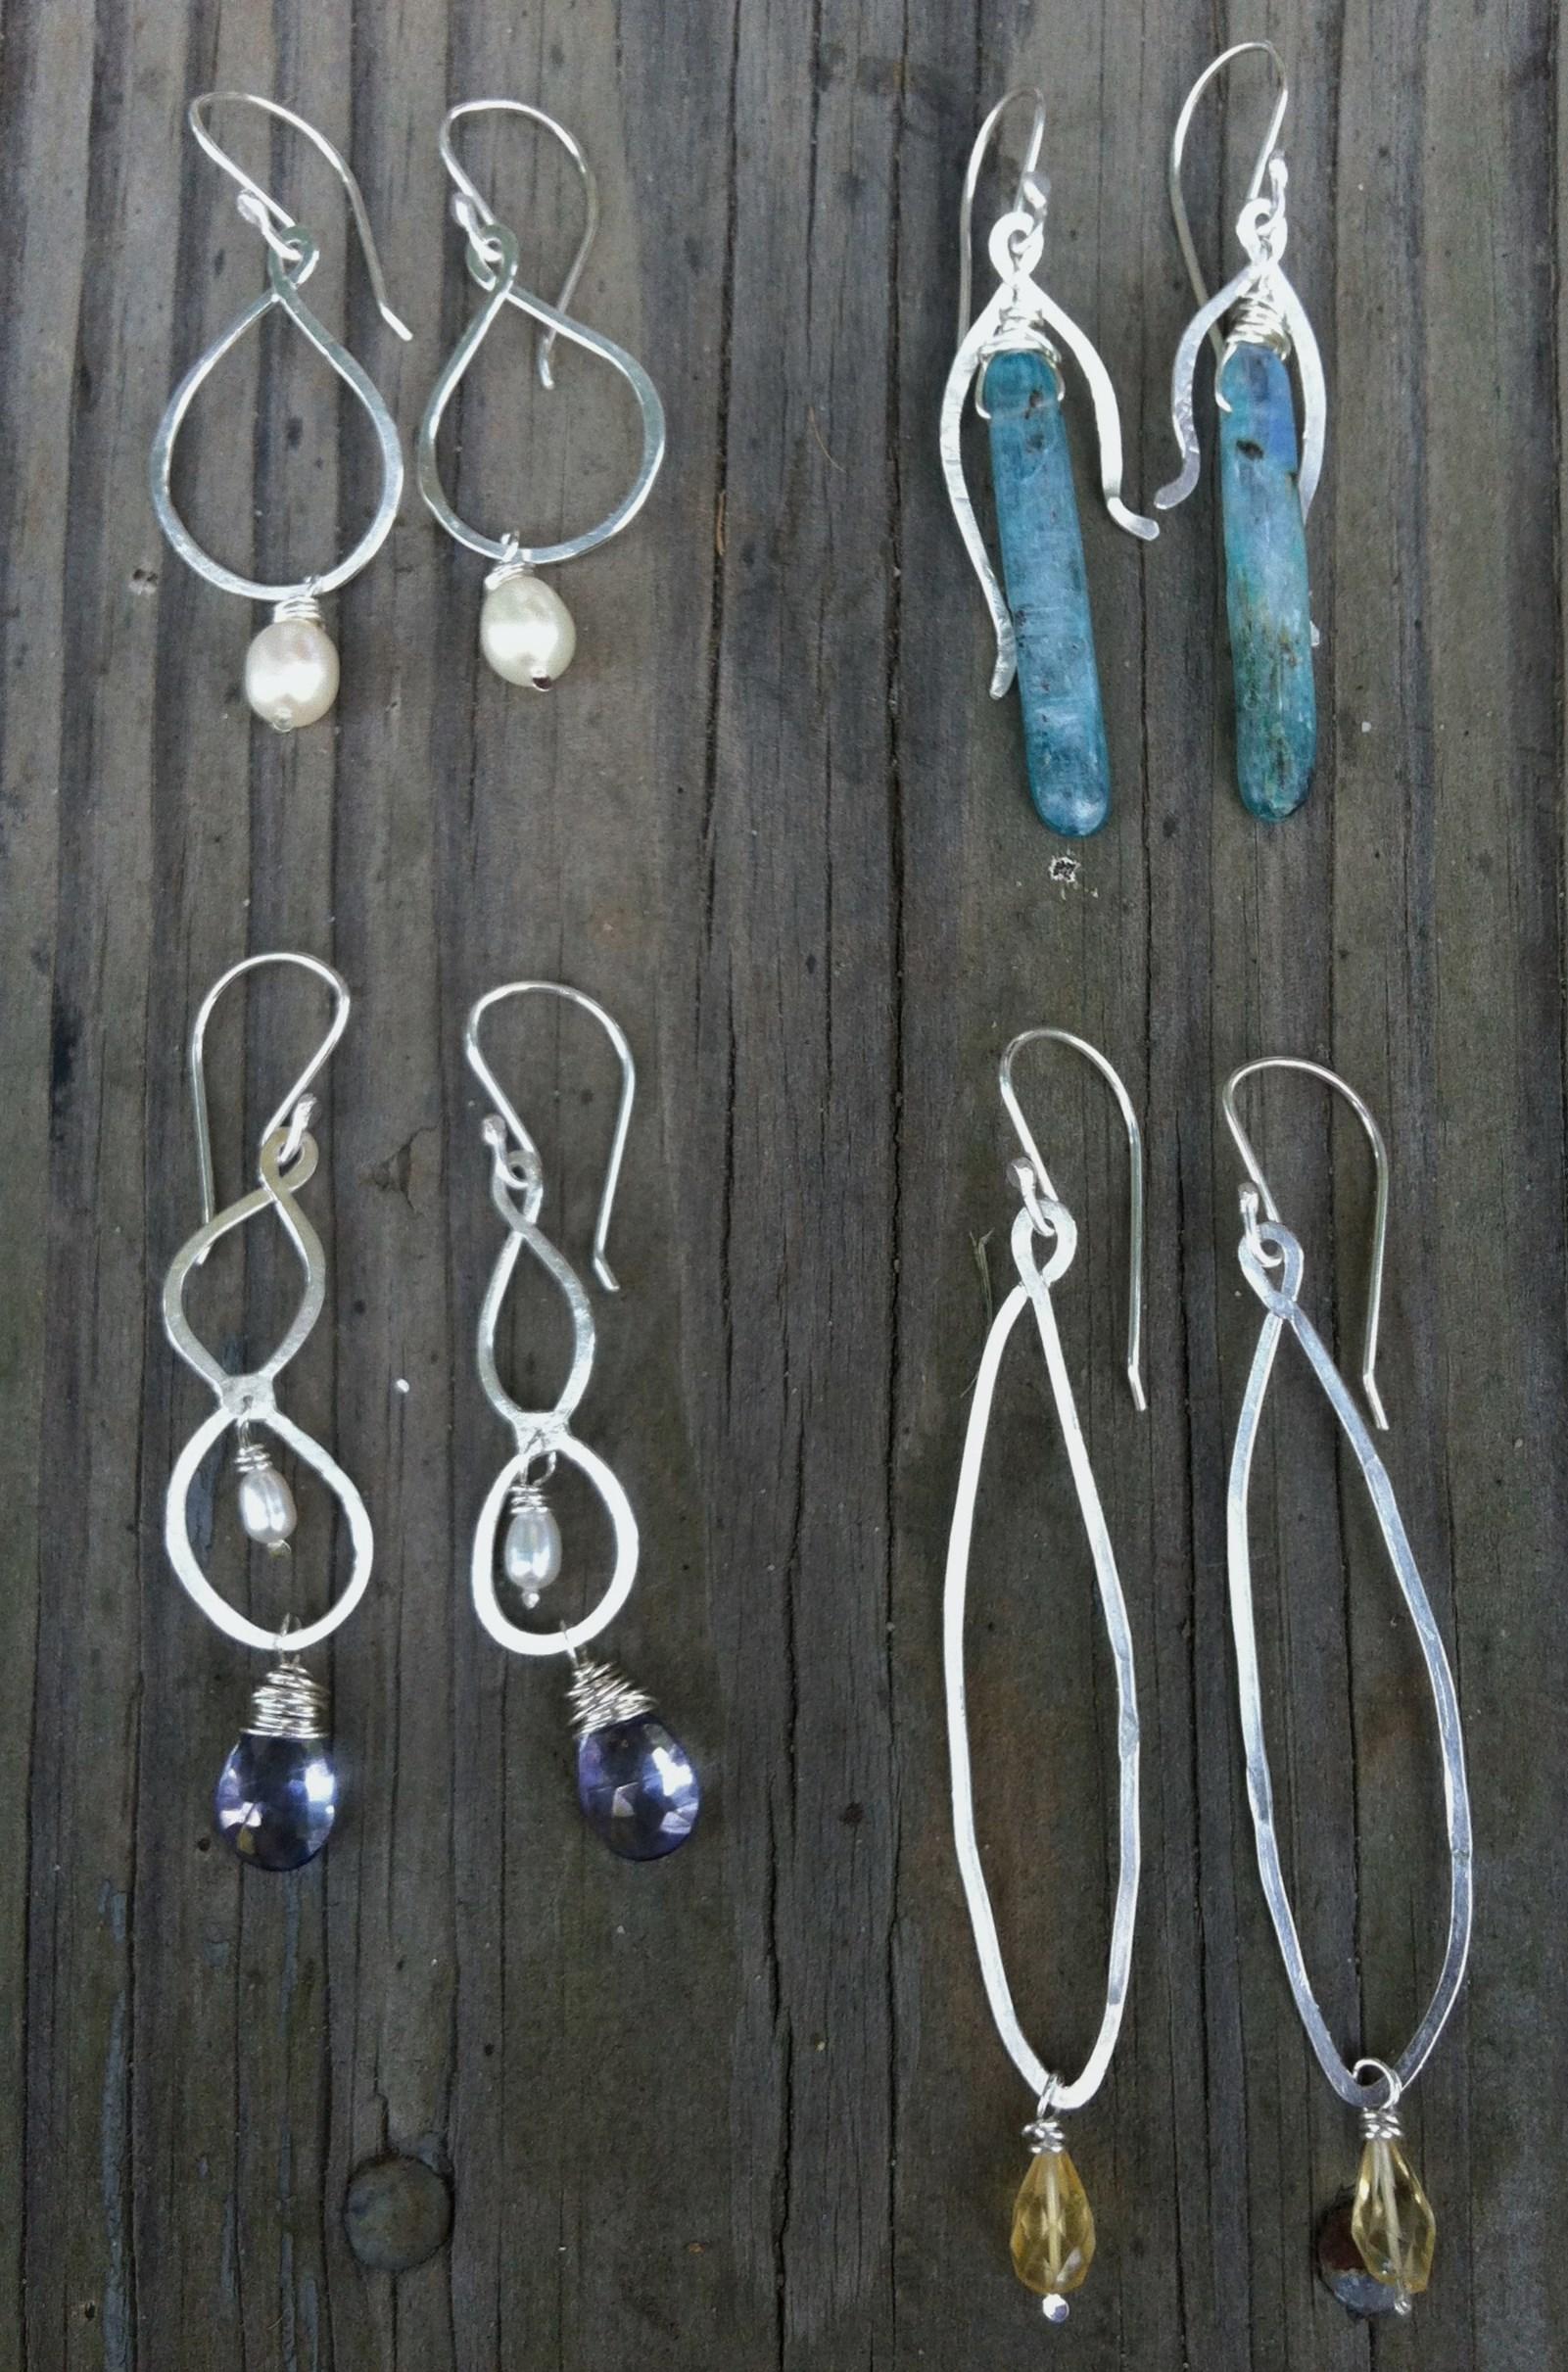 Four Seasons Earrings  : Sterling silver, pearls & gemstones.